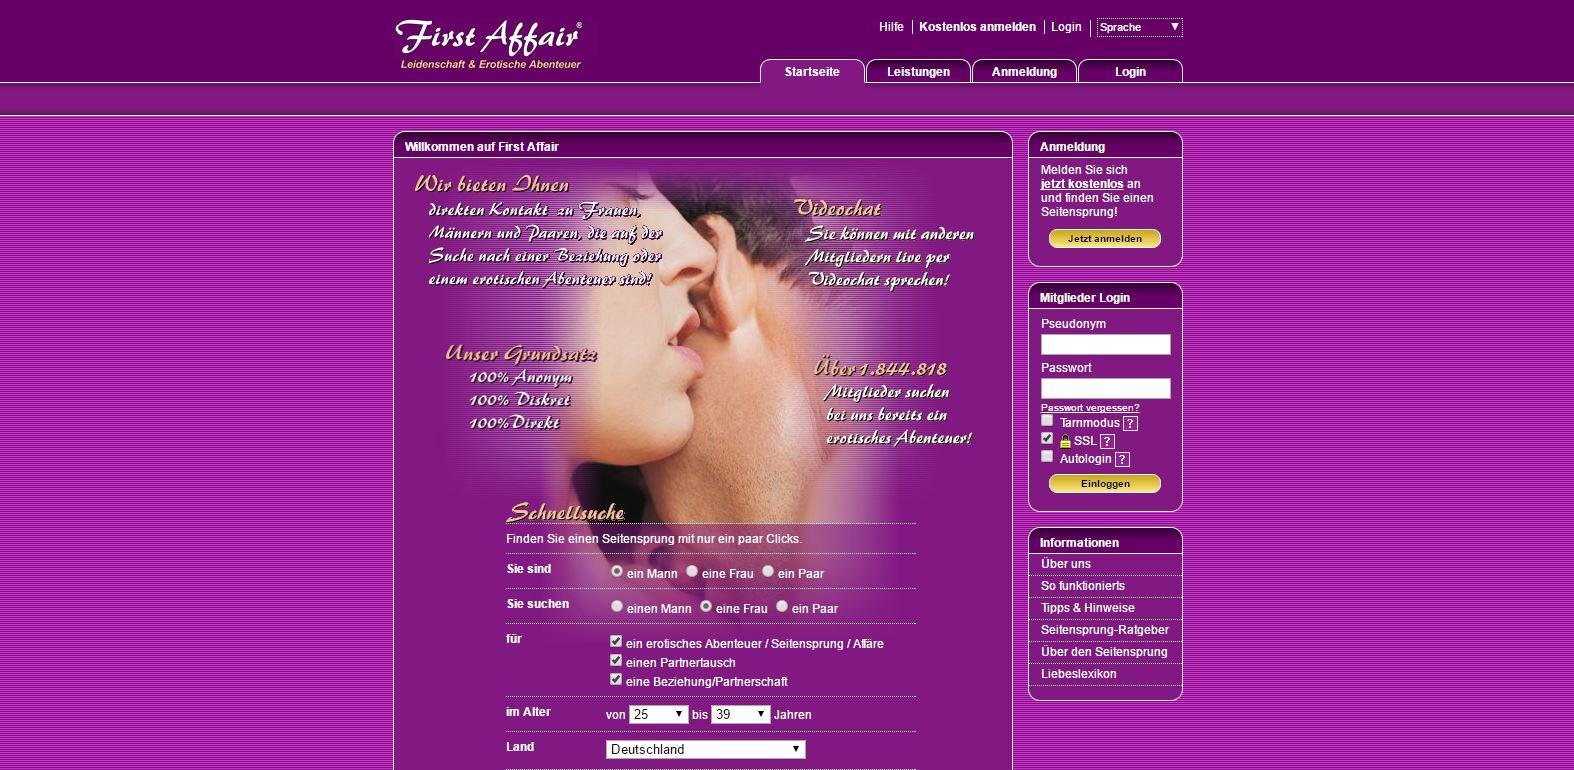 firstaffair.com